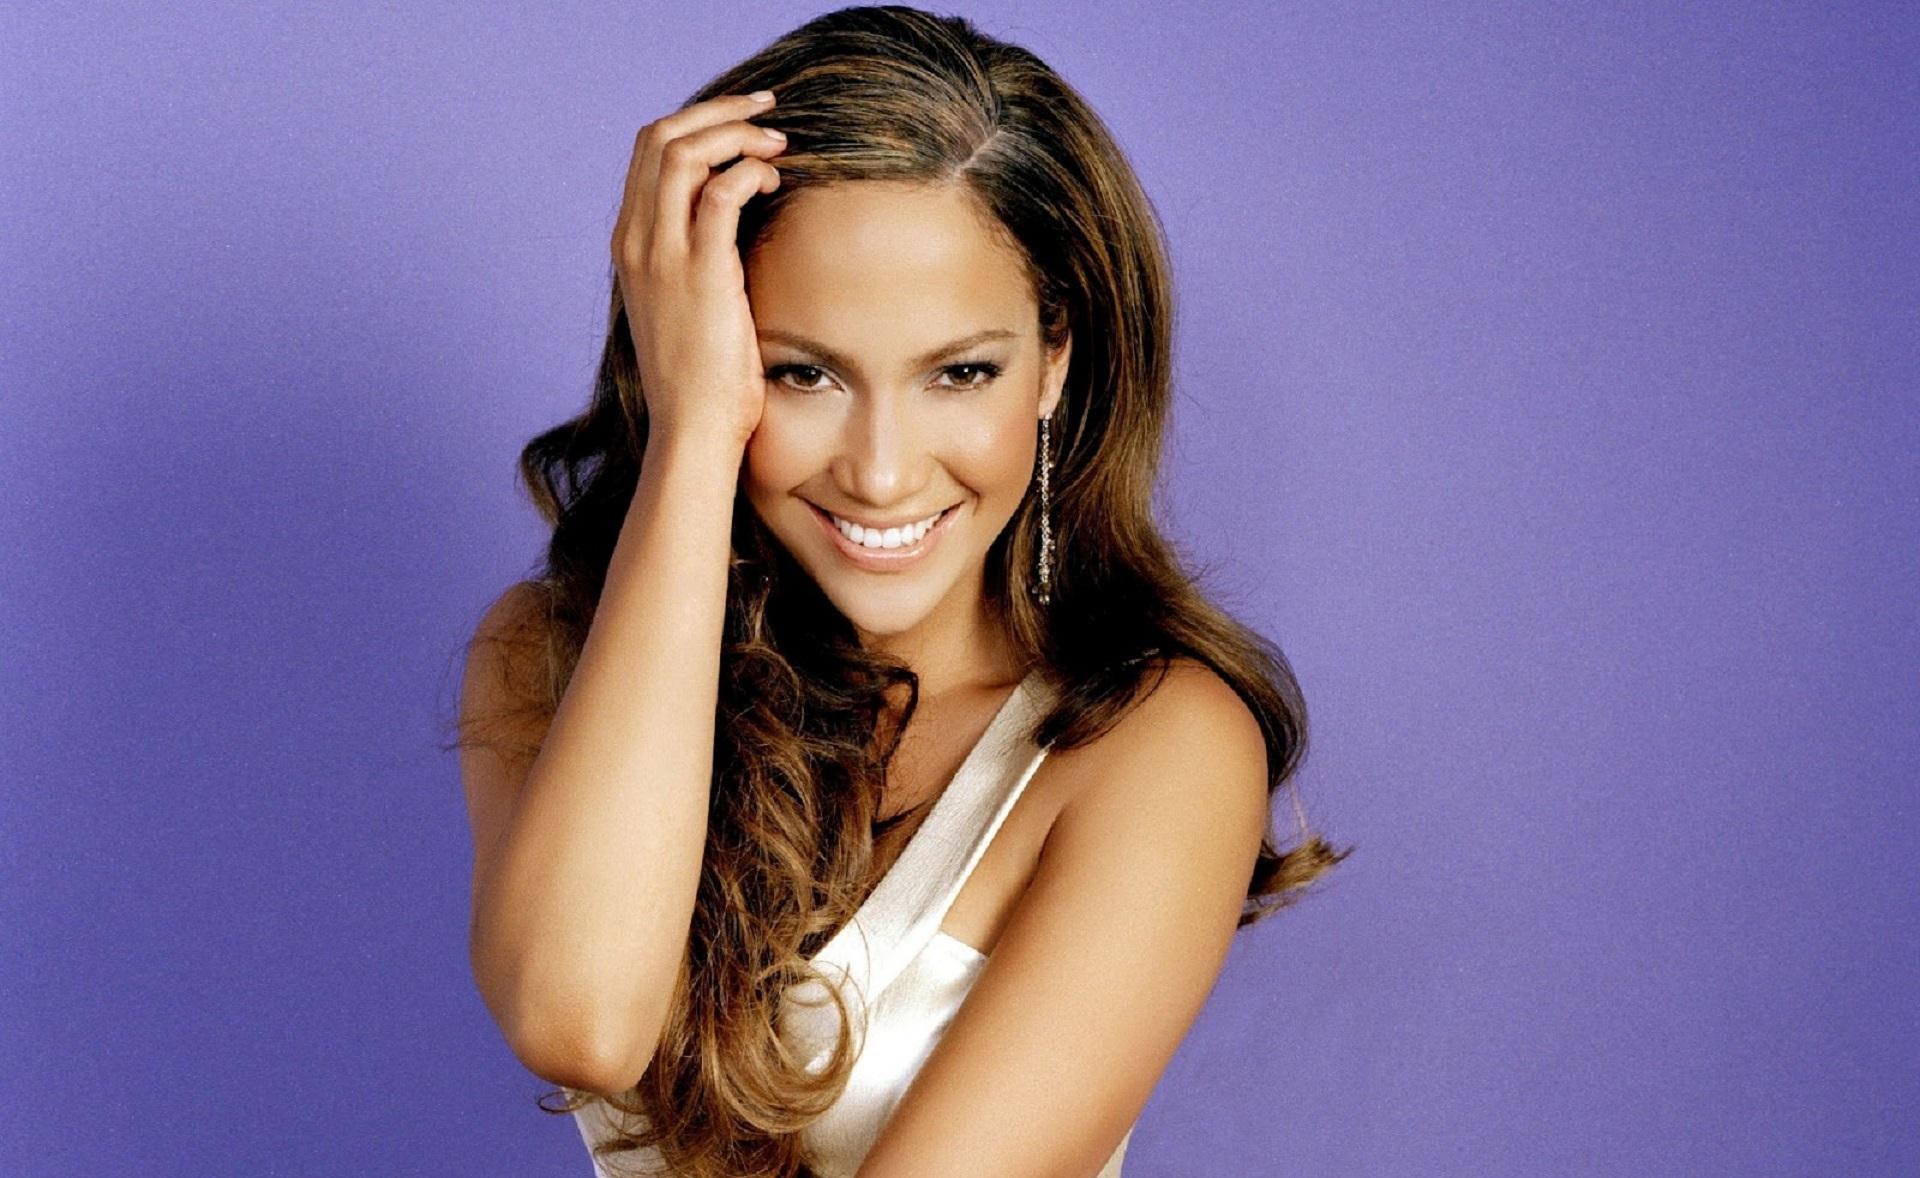 Jennifer Lopez Wallpapers Hd